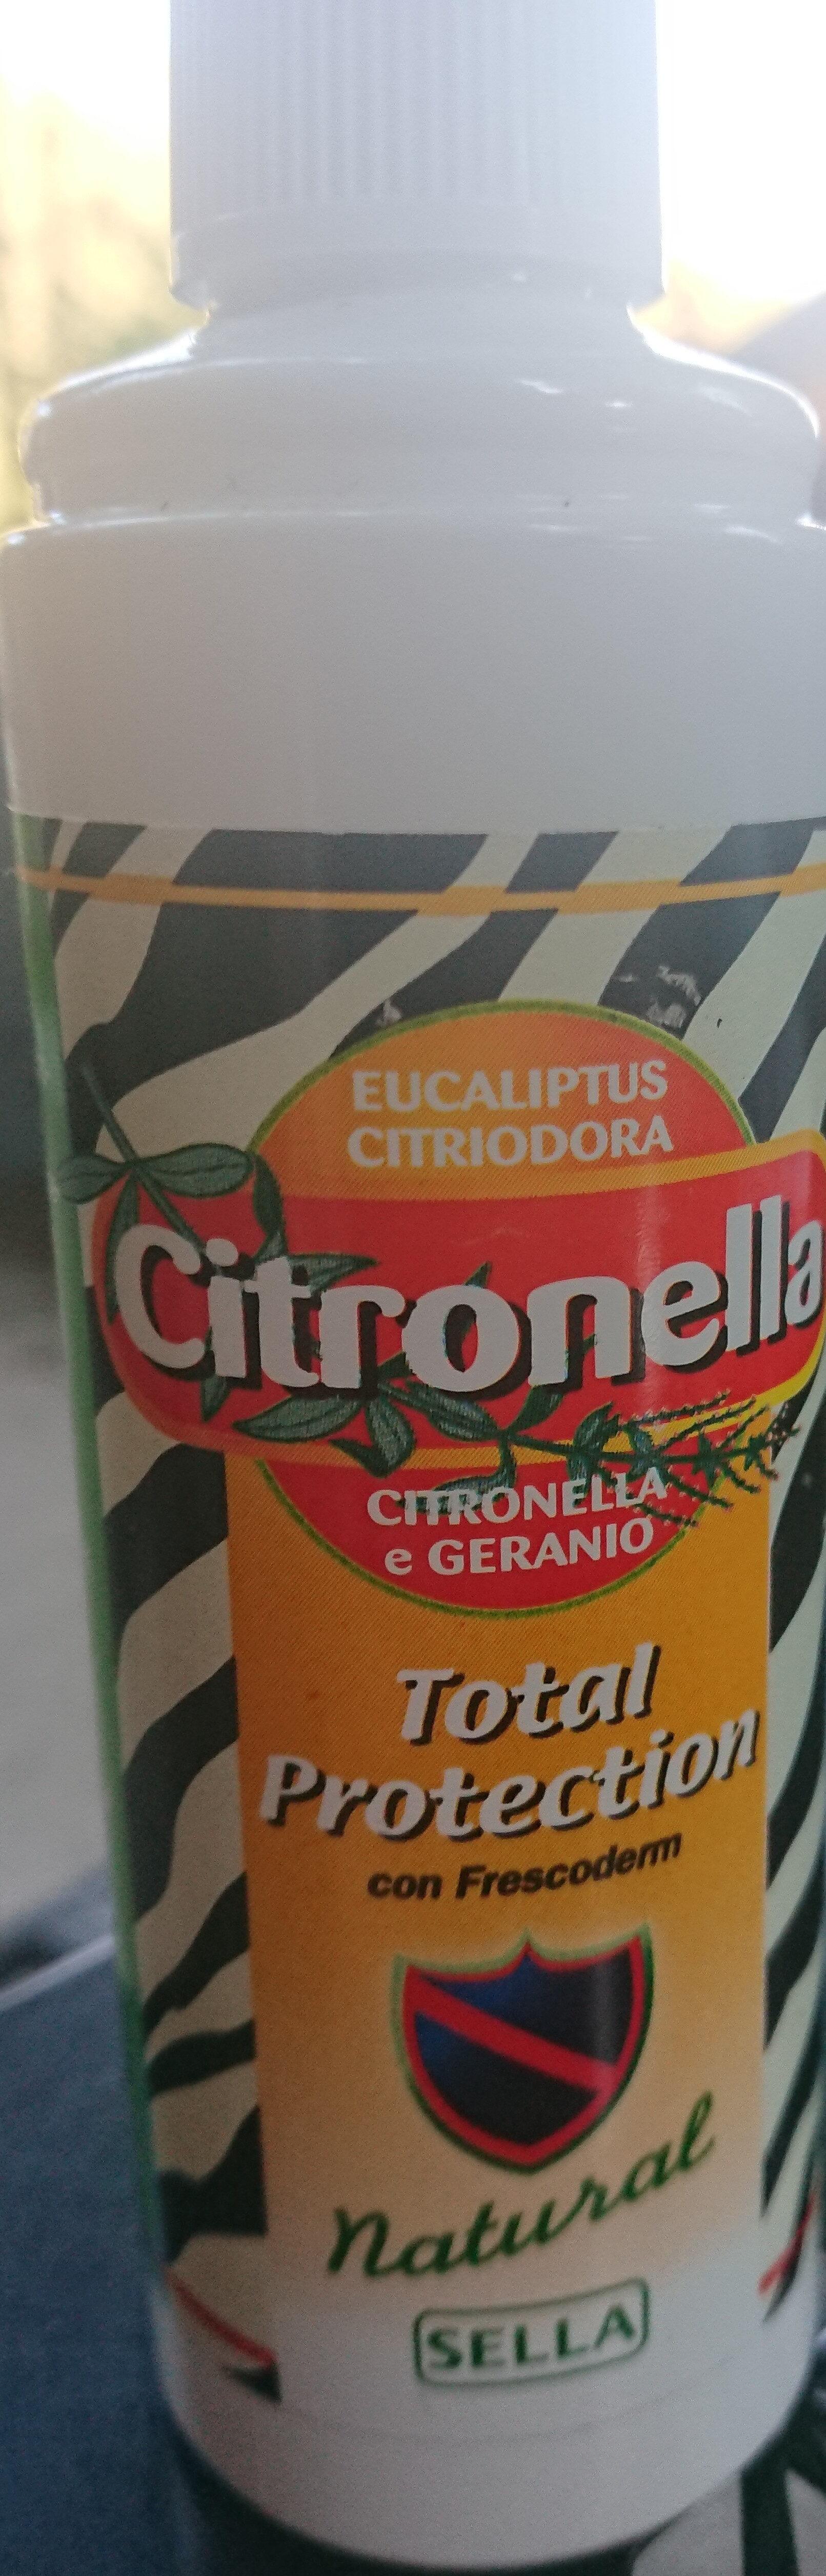 Citronella Total Protection - Produit - it